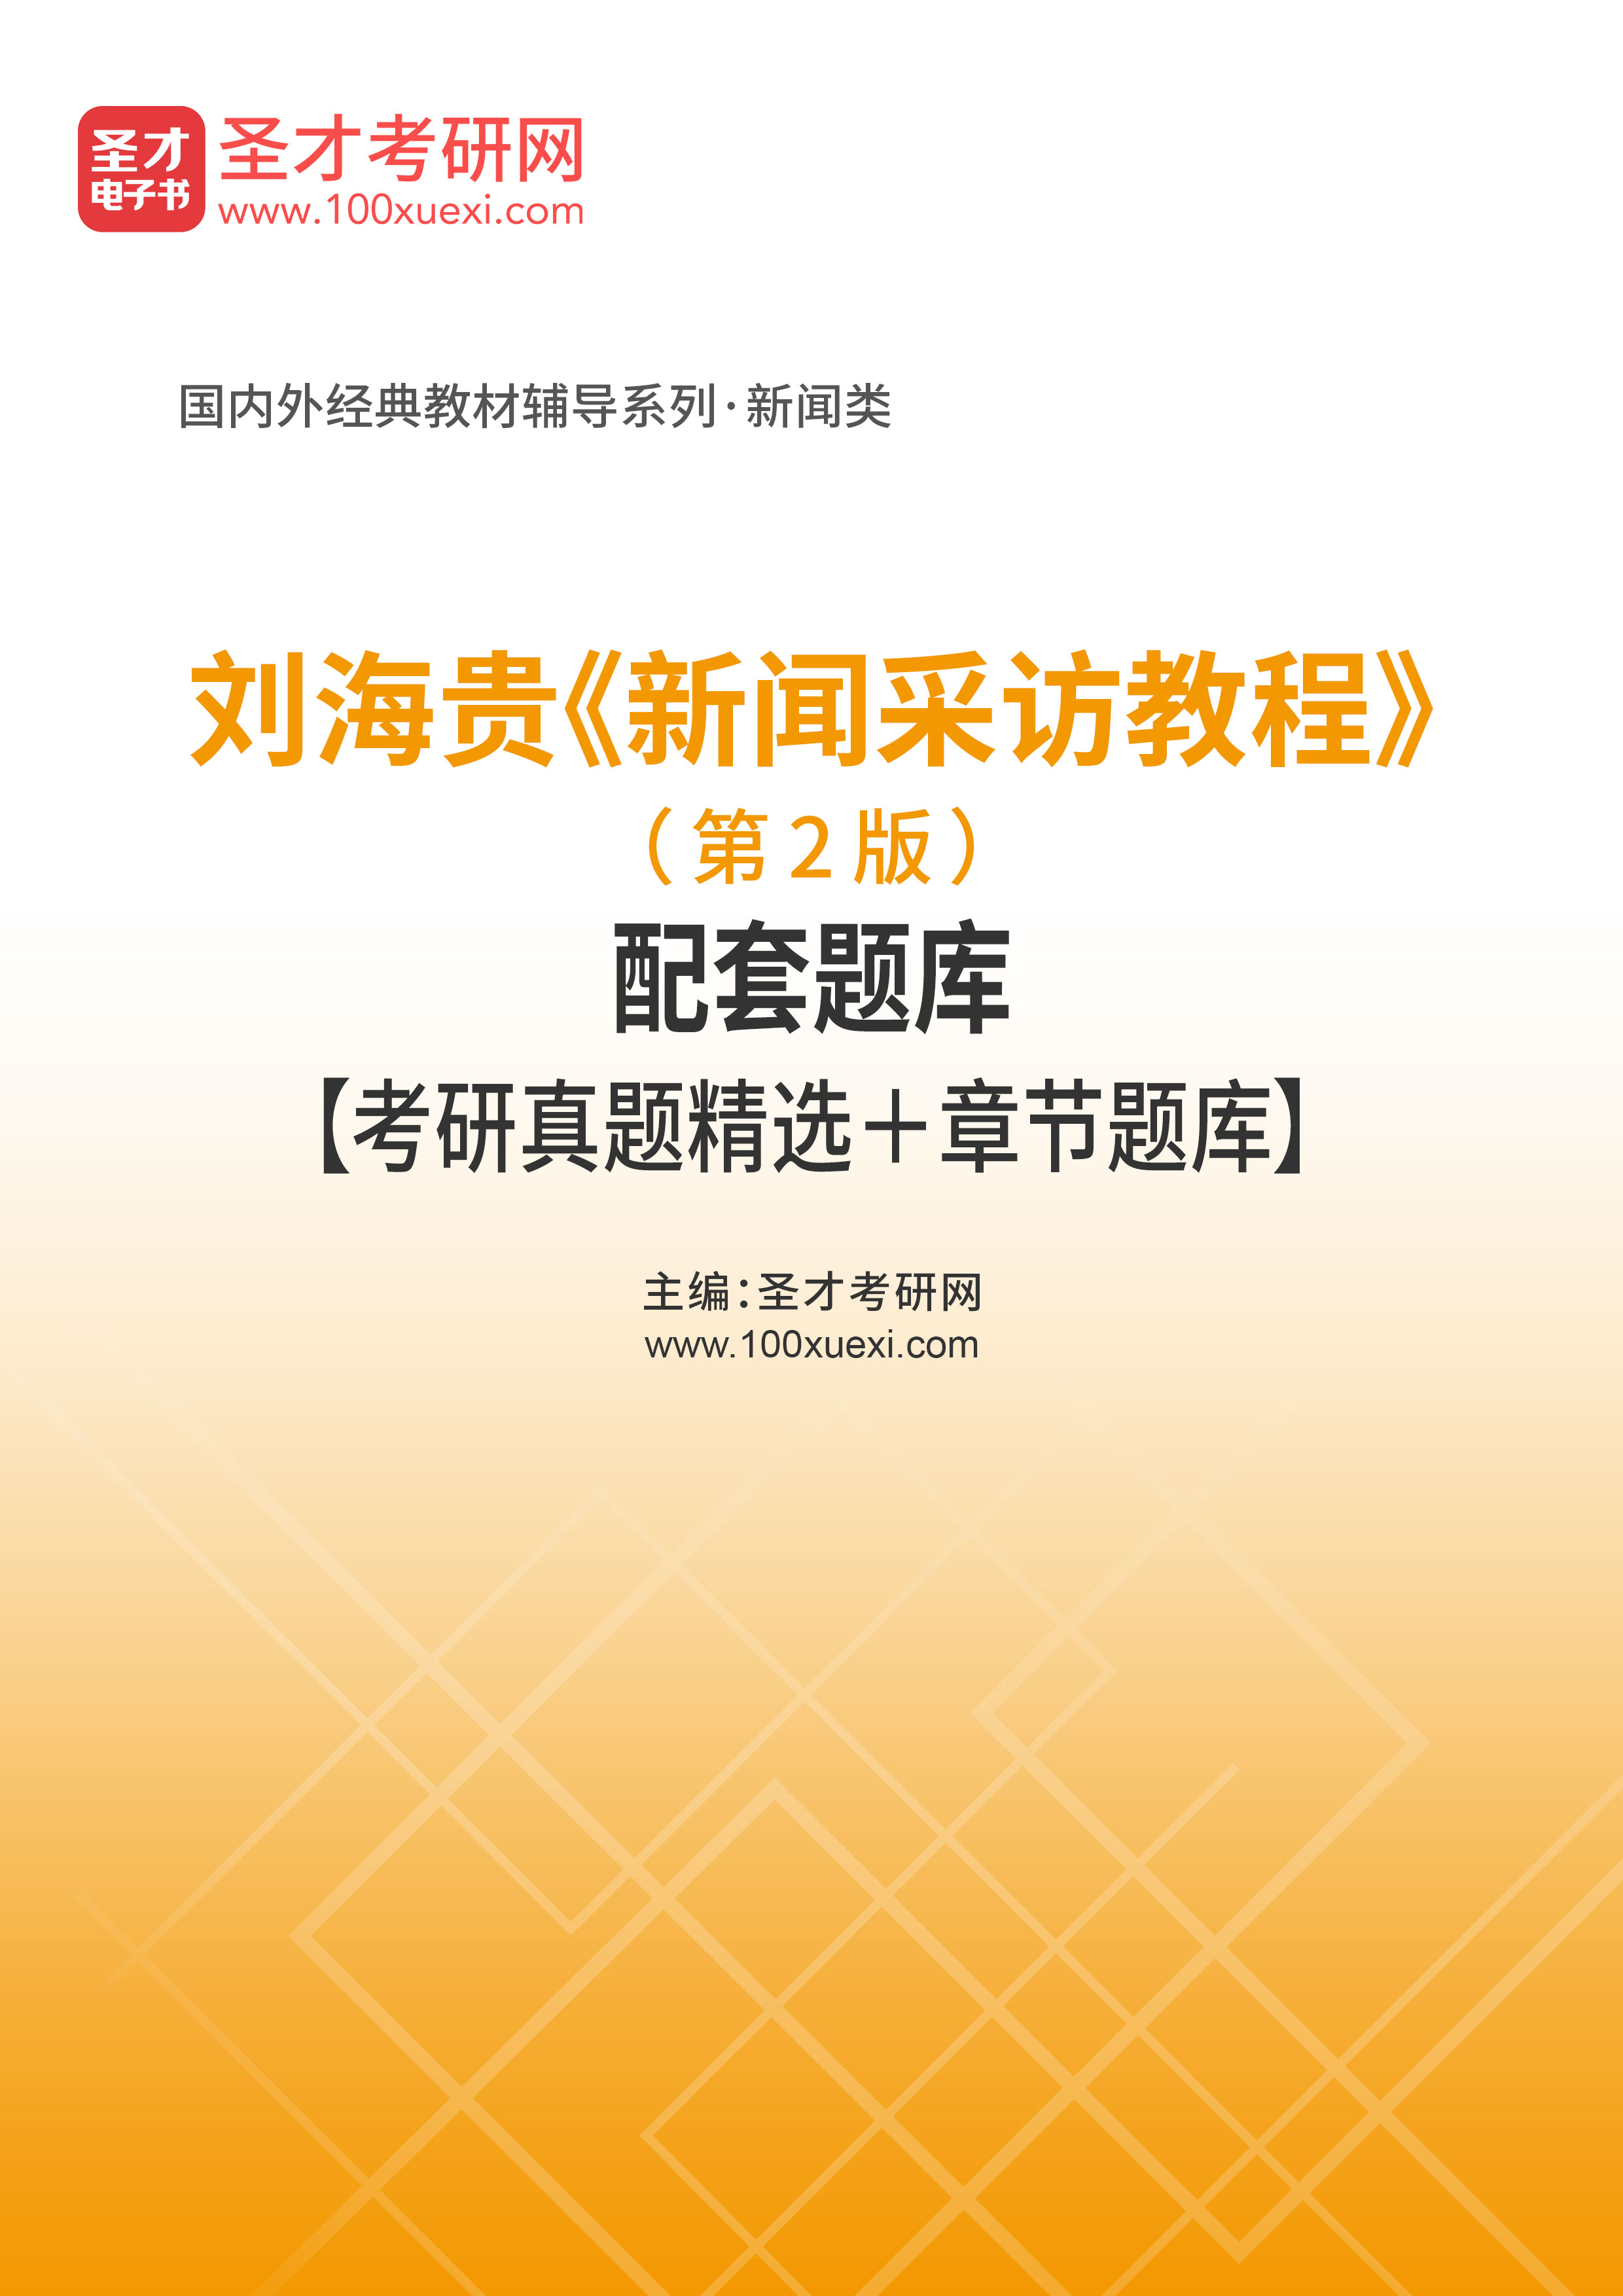 刘海贵《新闻采访教程》(第2版)配套题库【考研真题精选+章节题库】